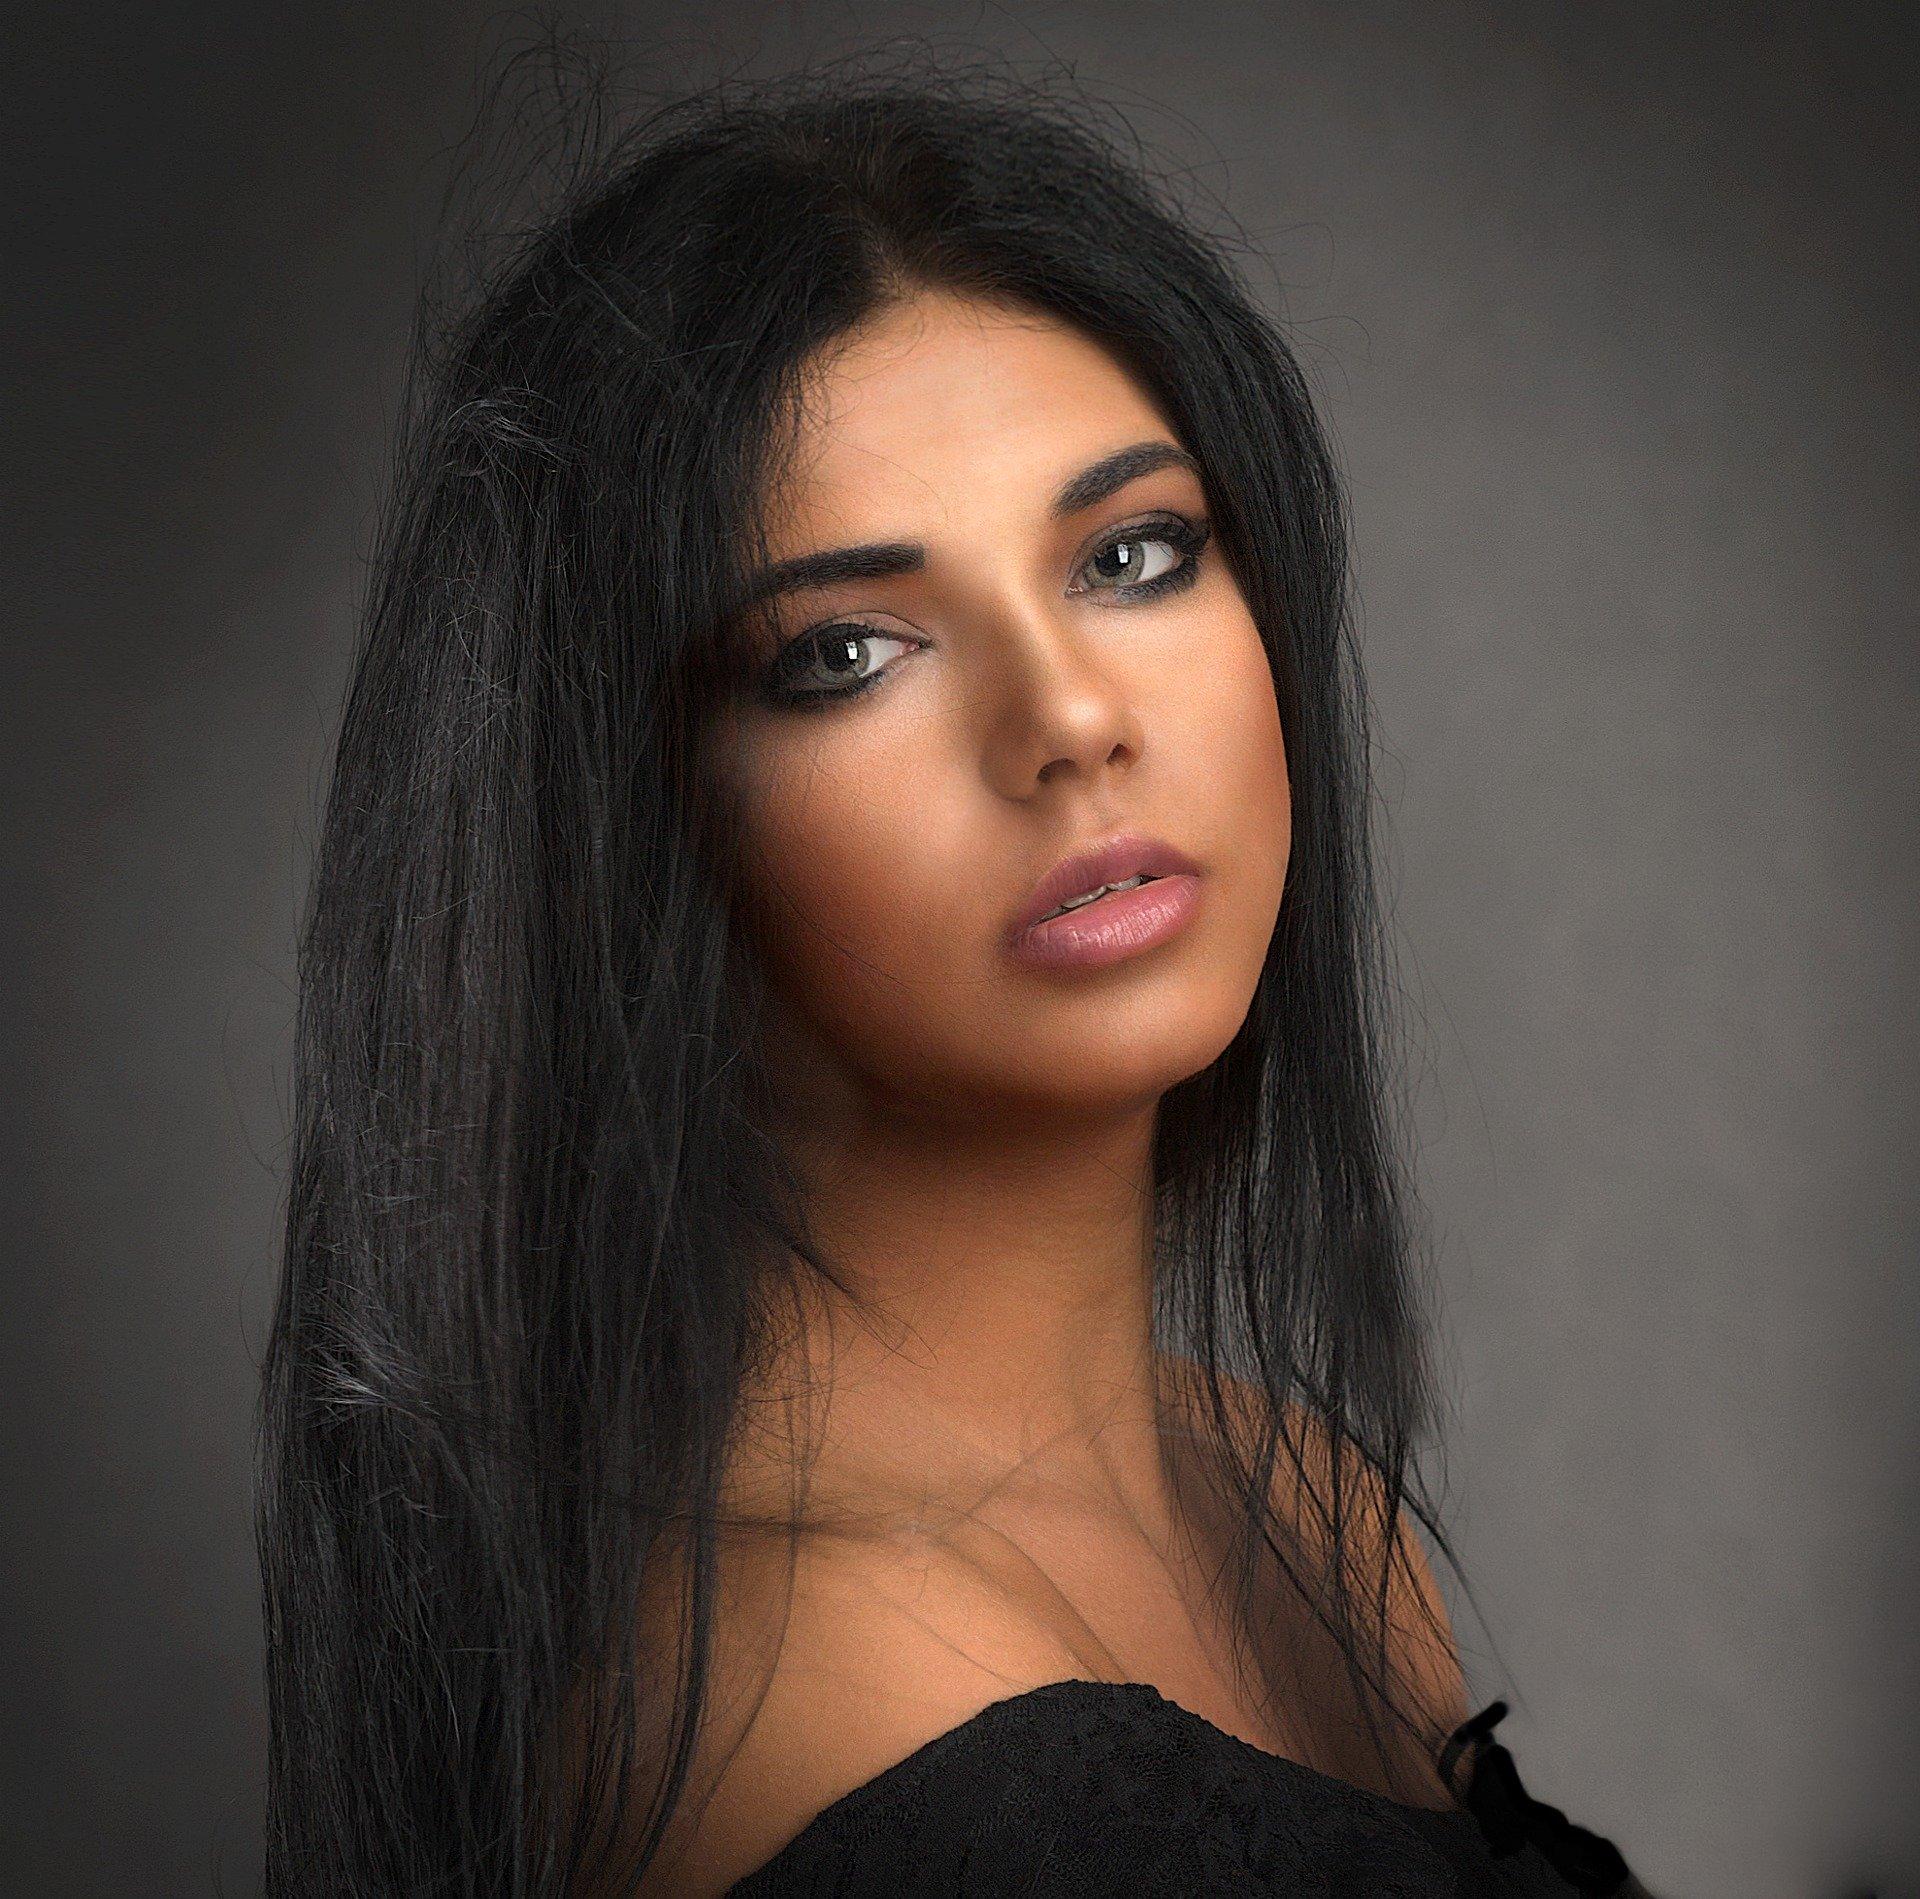 Studio beauté de maquillage permanent : comment bien le choisir ?